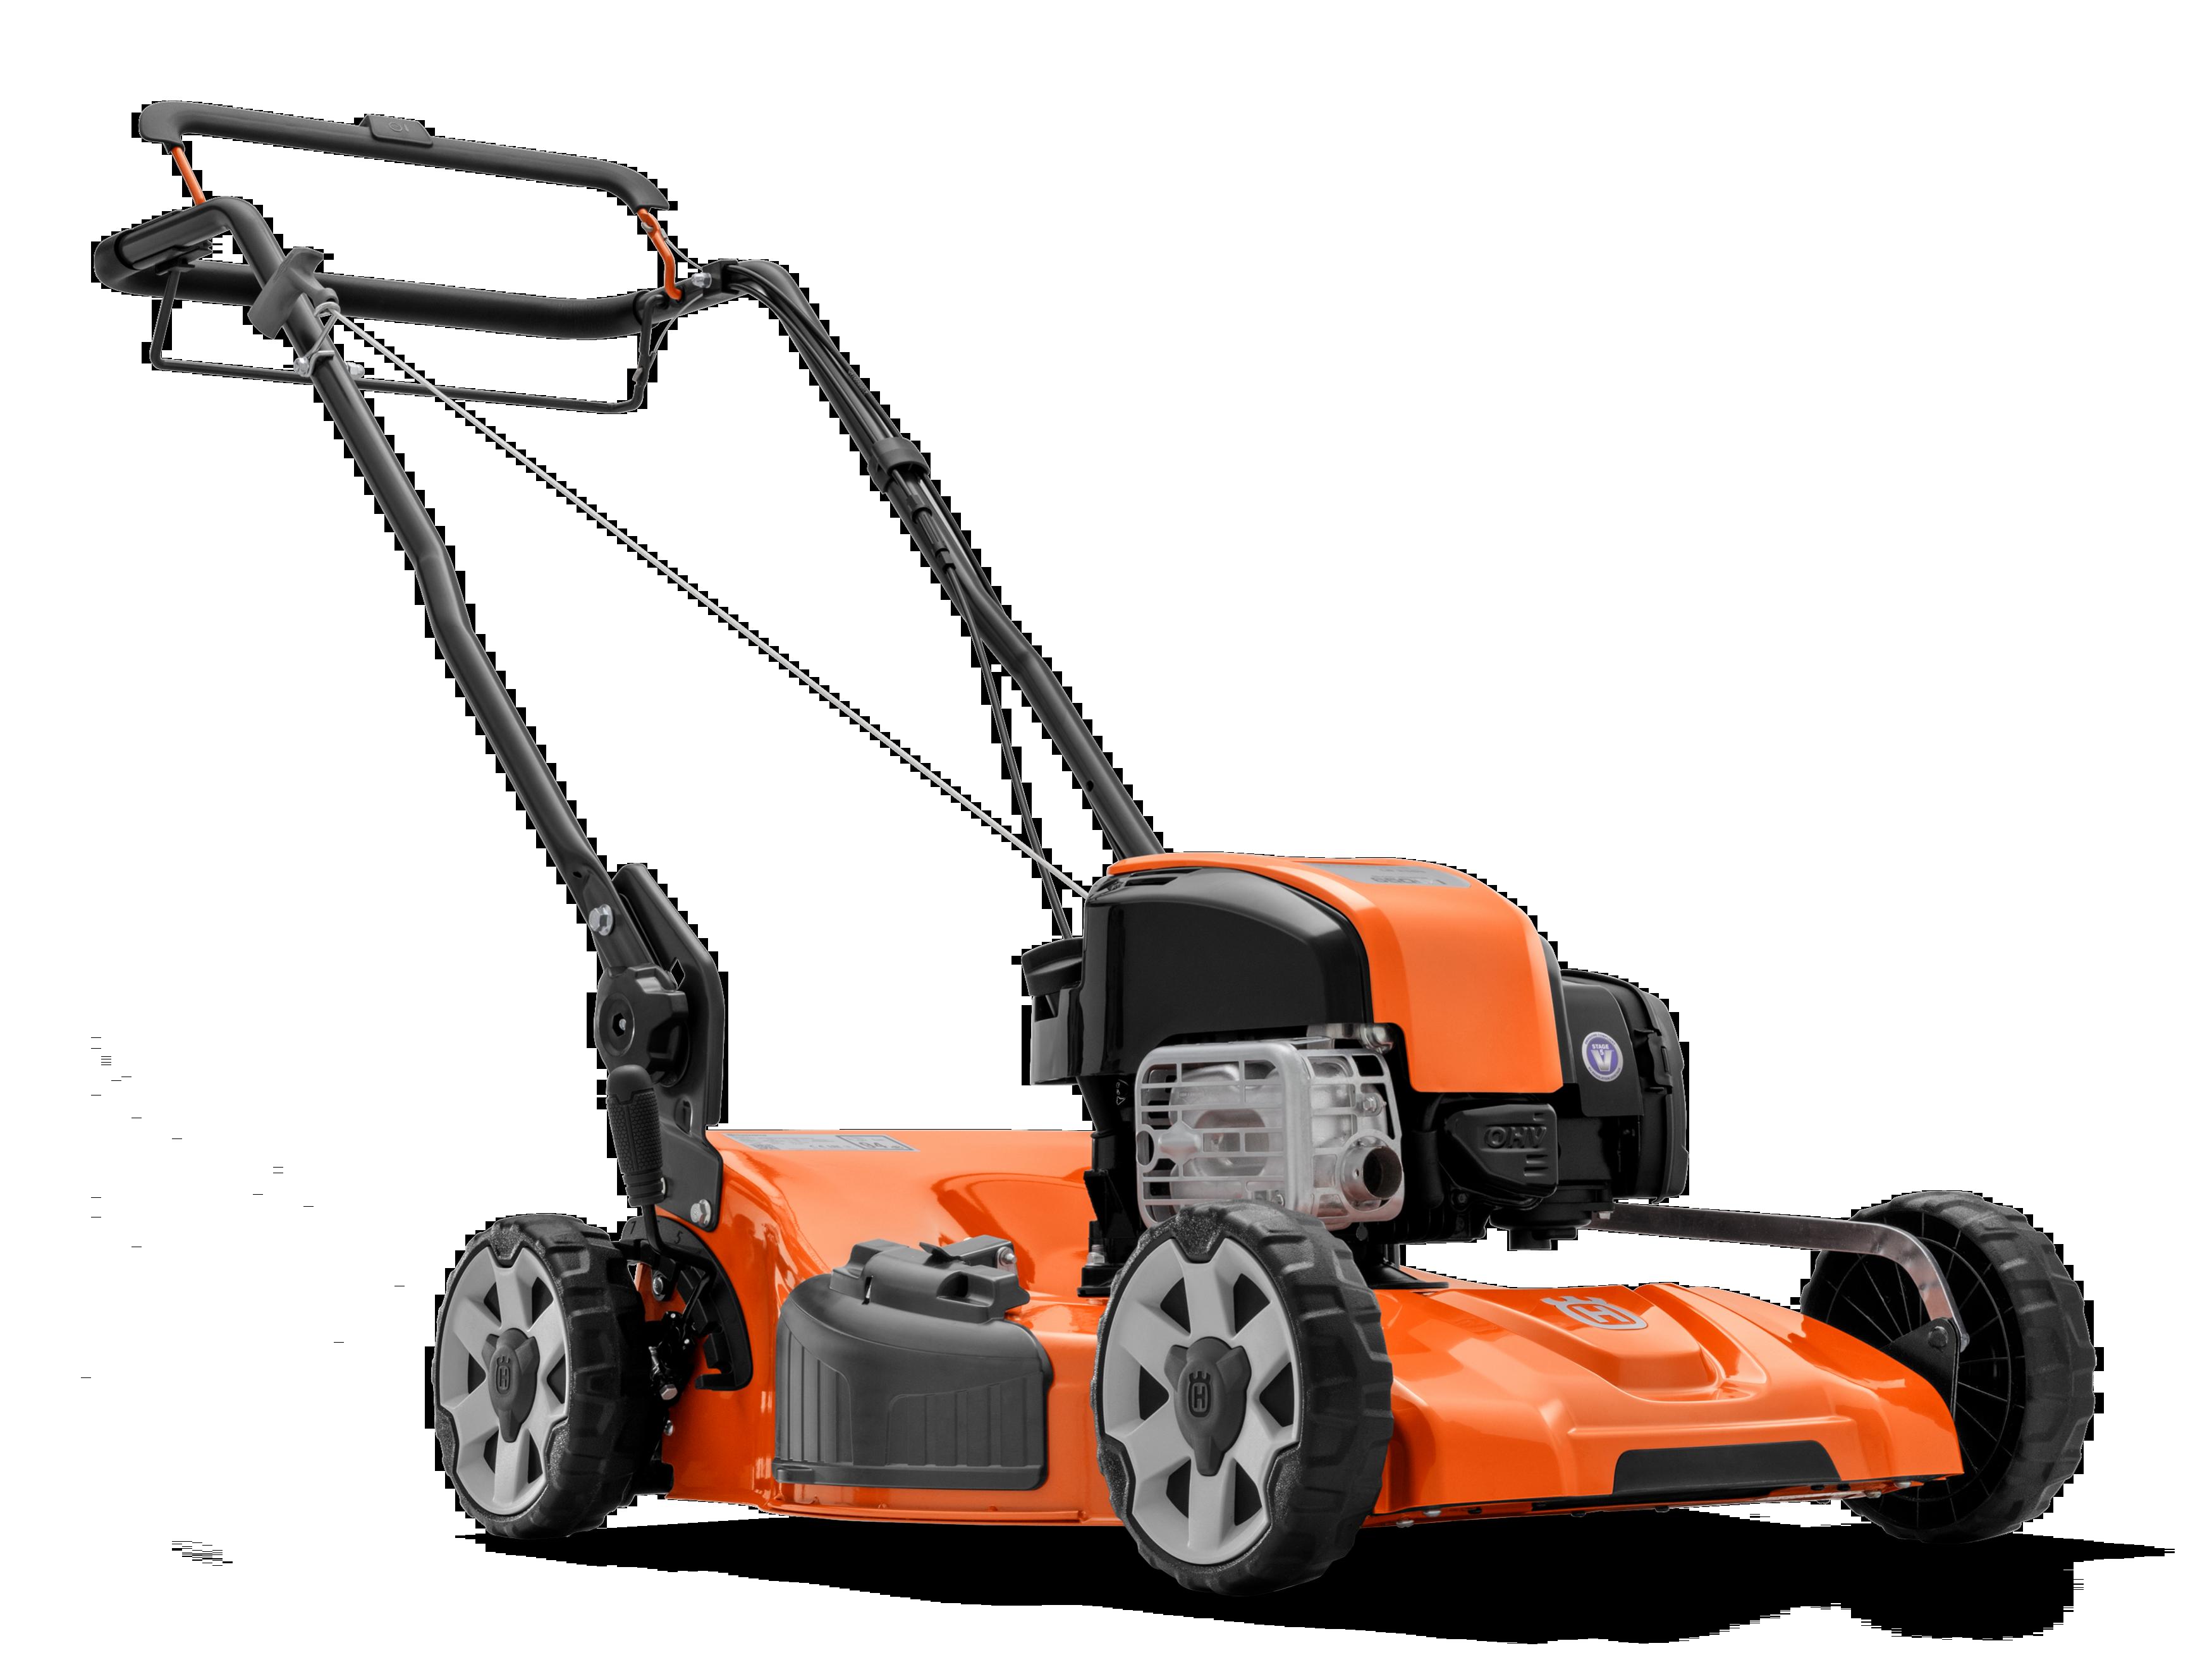 Газонокосилка с мульчированием скошенной травой: что это такое с функцией, бензиновая и самоходная на колесах